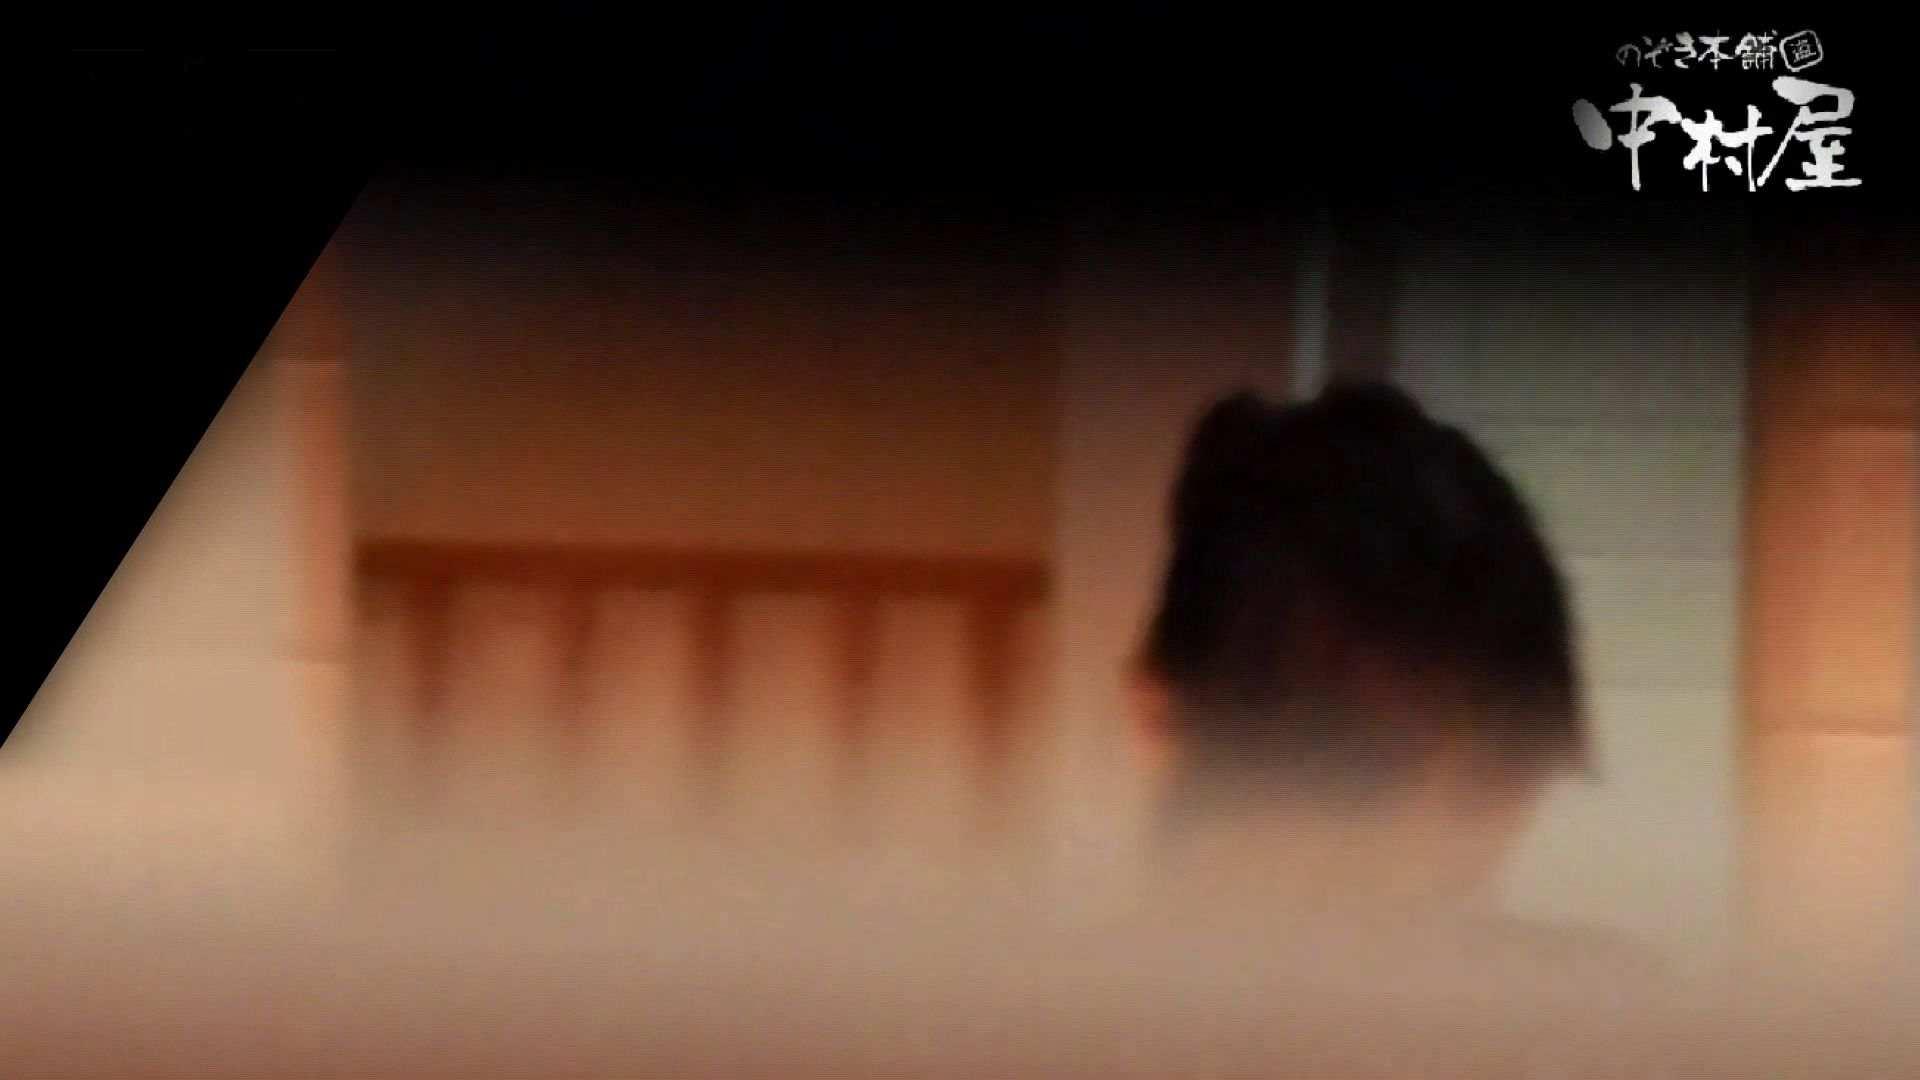 第三体育館潜入撮】第三体育館潜入撮File028 熟女特集!! 潜入 オメコ無修正動画無料 94連発 19